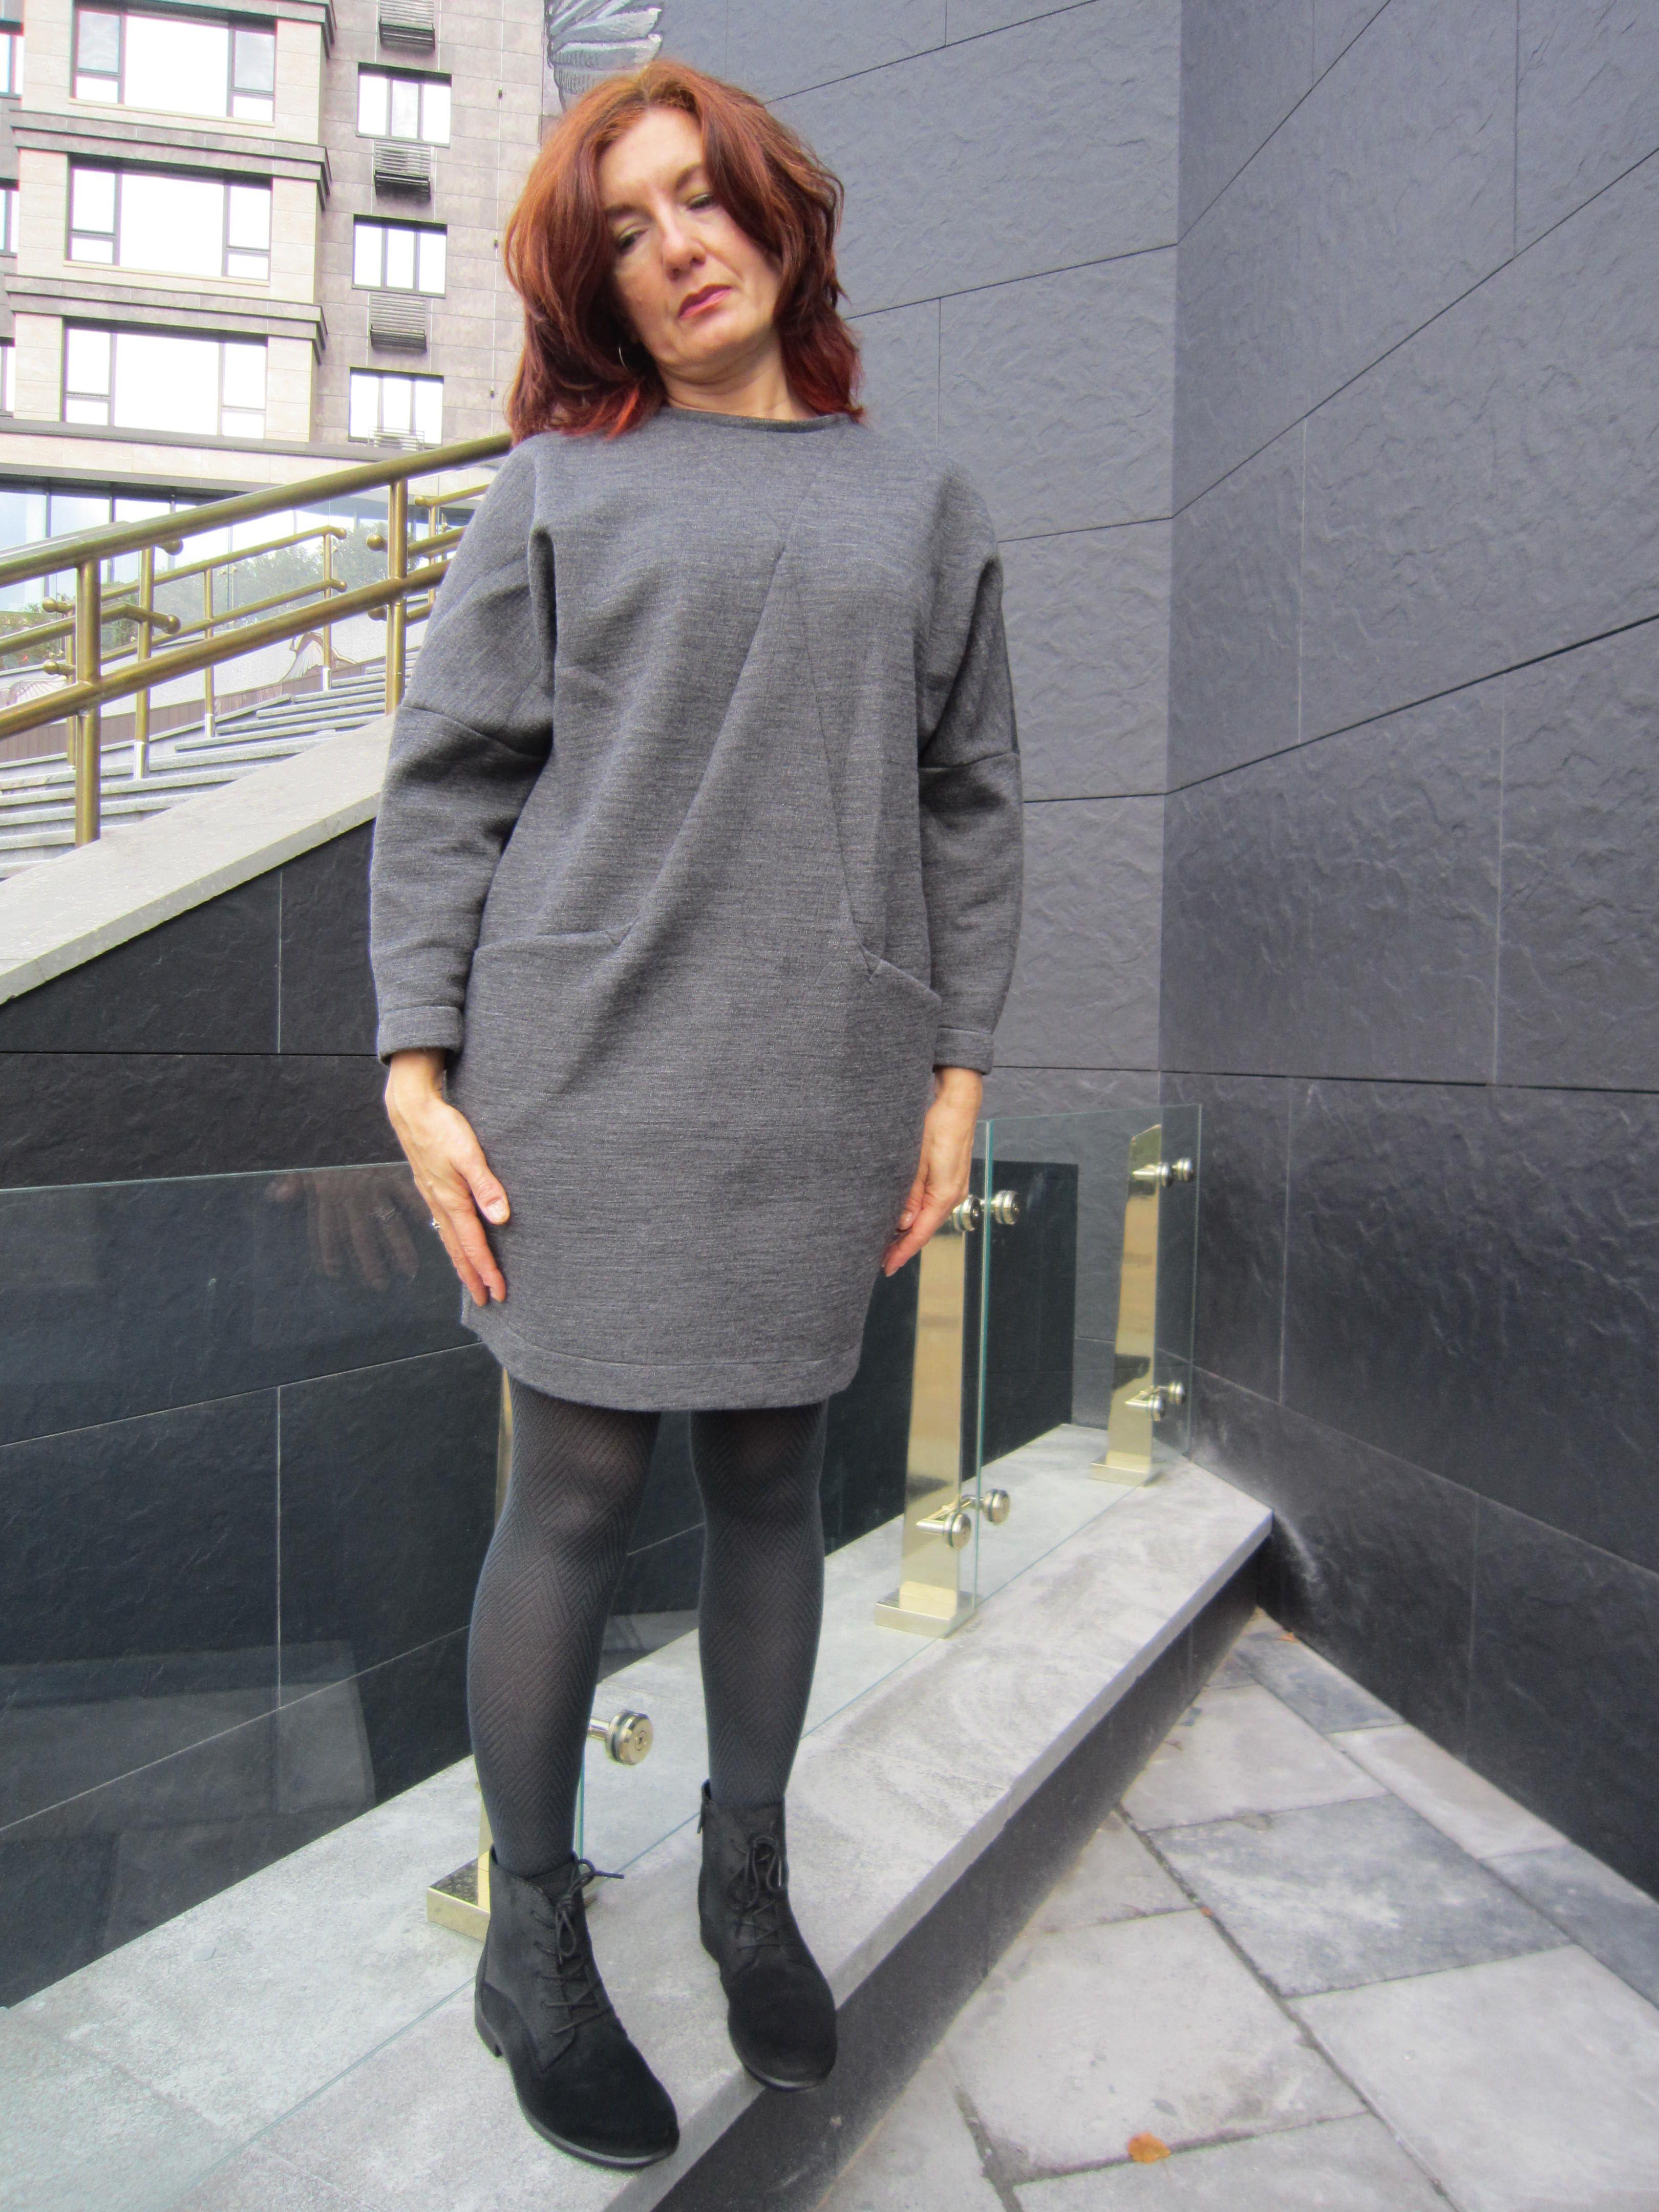 d8f74642b2c4 Платье-свитшот – модная одежда, идеально сочетающая в себе практичность,  комфорт и женственность